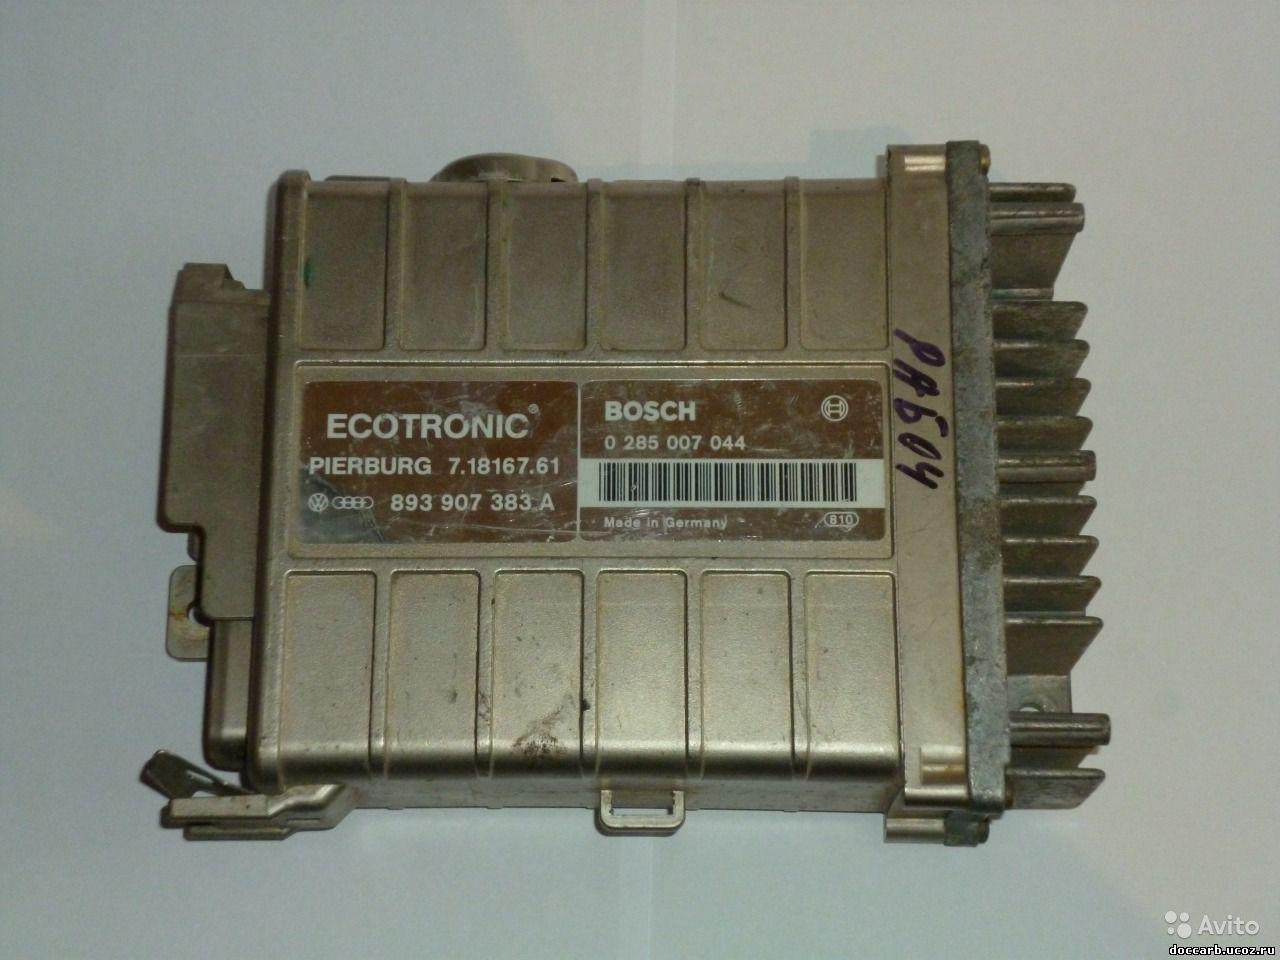 Куплю: электронный блок управления мозги bosh ecotronic pierburg 2ee на опеля омегу